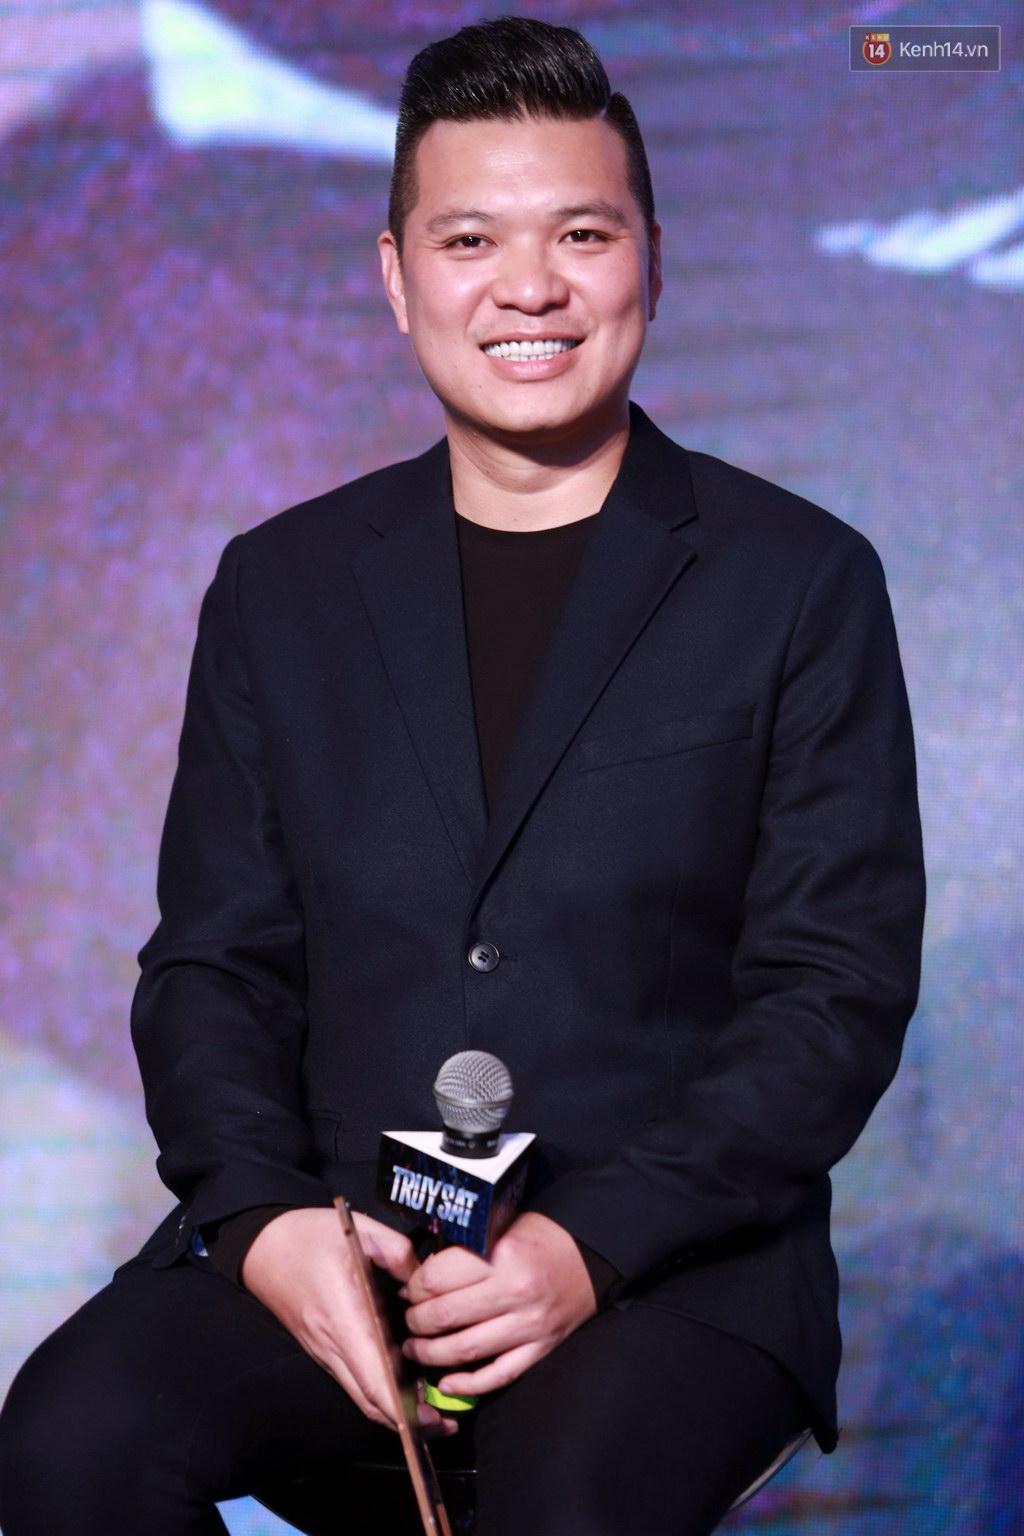 Trương Ngọc Ánh bị thương nhiều nhất trong đoàn làm phim khi thực hiện Truy sát - Ảnh 16.